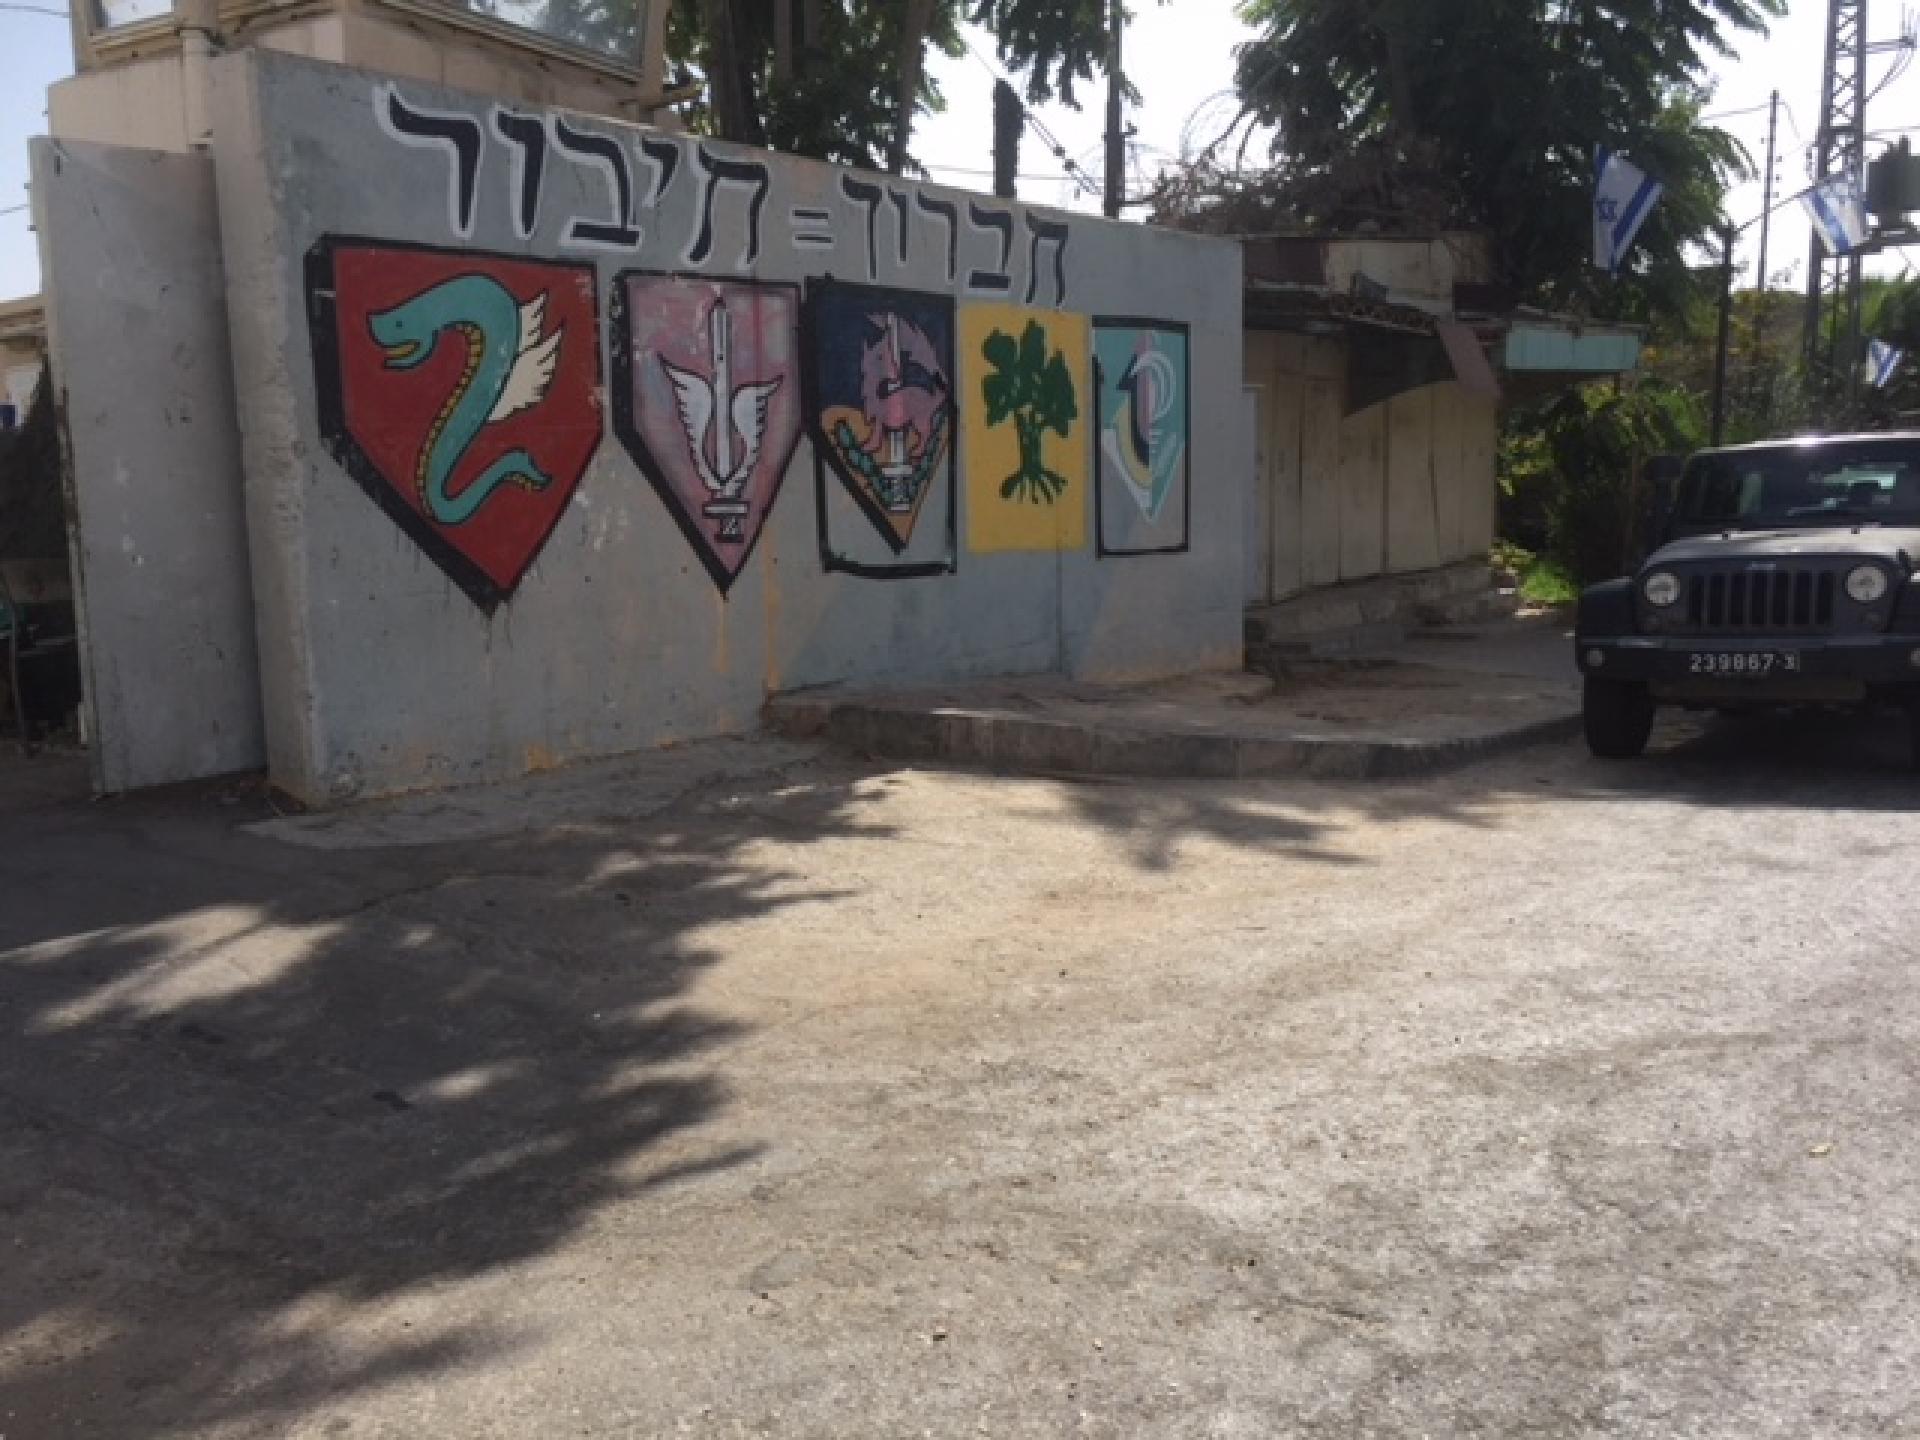 הכניסה לבסיס  צה״ל בחברון שאתמול אישרו בממשלה לבנות במקומו 31. יחידות דיור